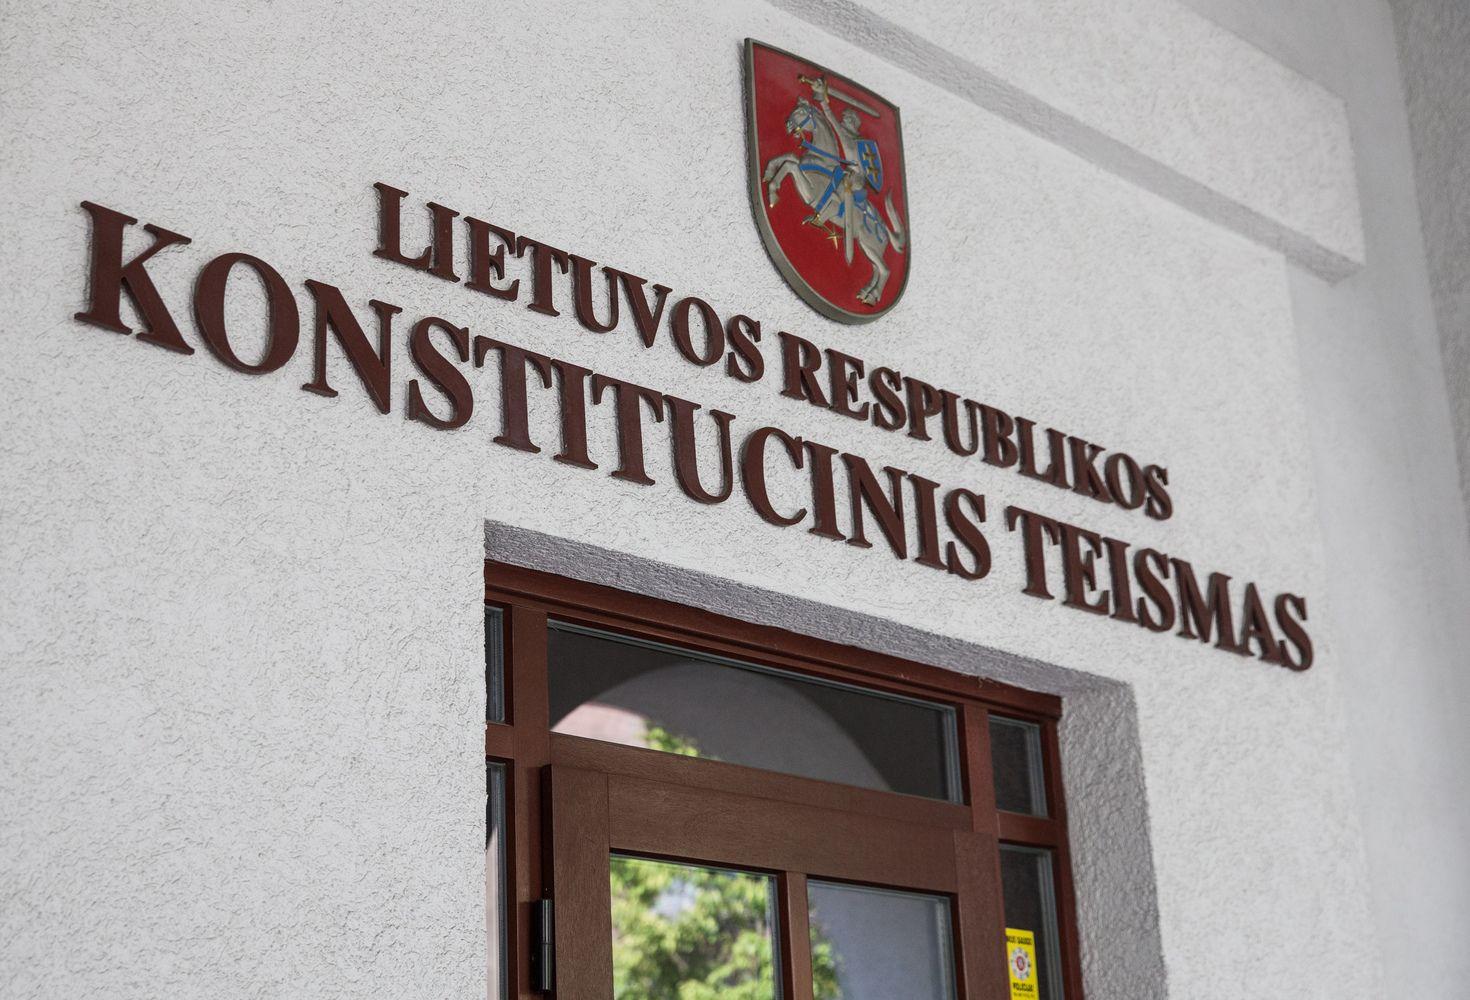 Opozicija Konstituciniam Teismui skundžia komisiją LRT veiklai tirti